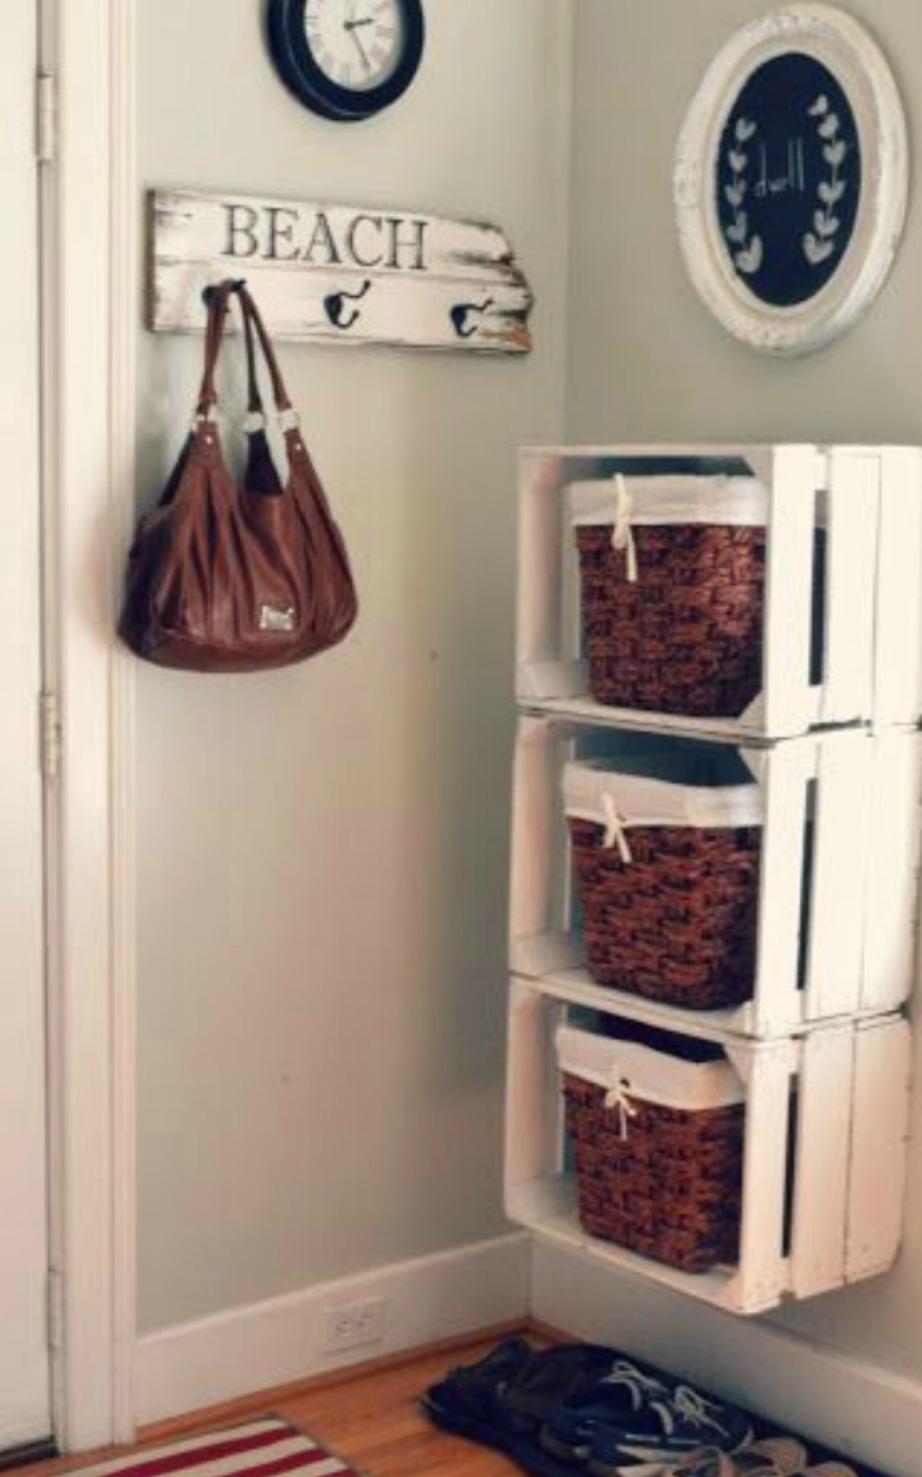 Δείτε πόσο εύκολα μπορείτε να φτιάξετε μία αυτοσχέδια «συρταριέρα» με καφάσια και καλάθια.